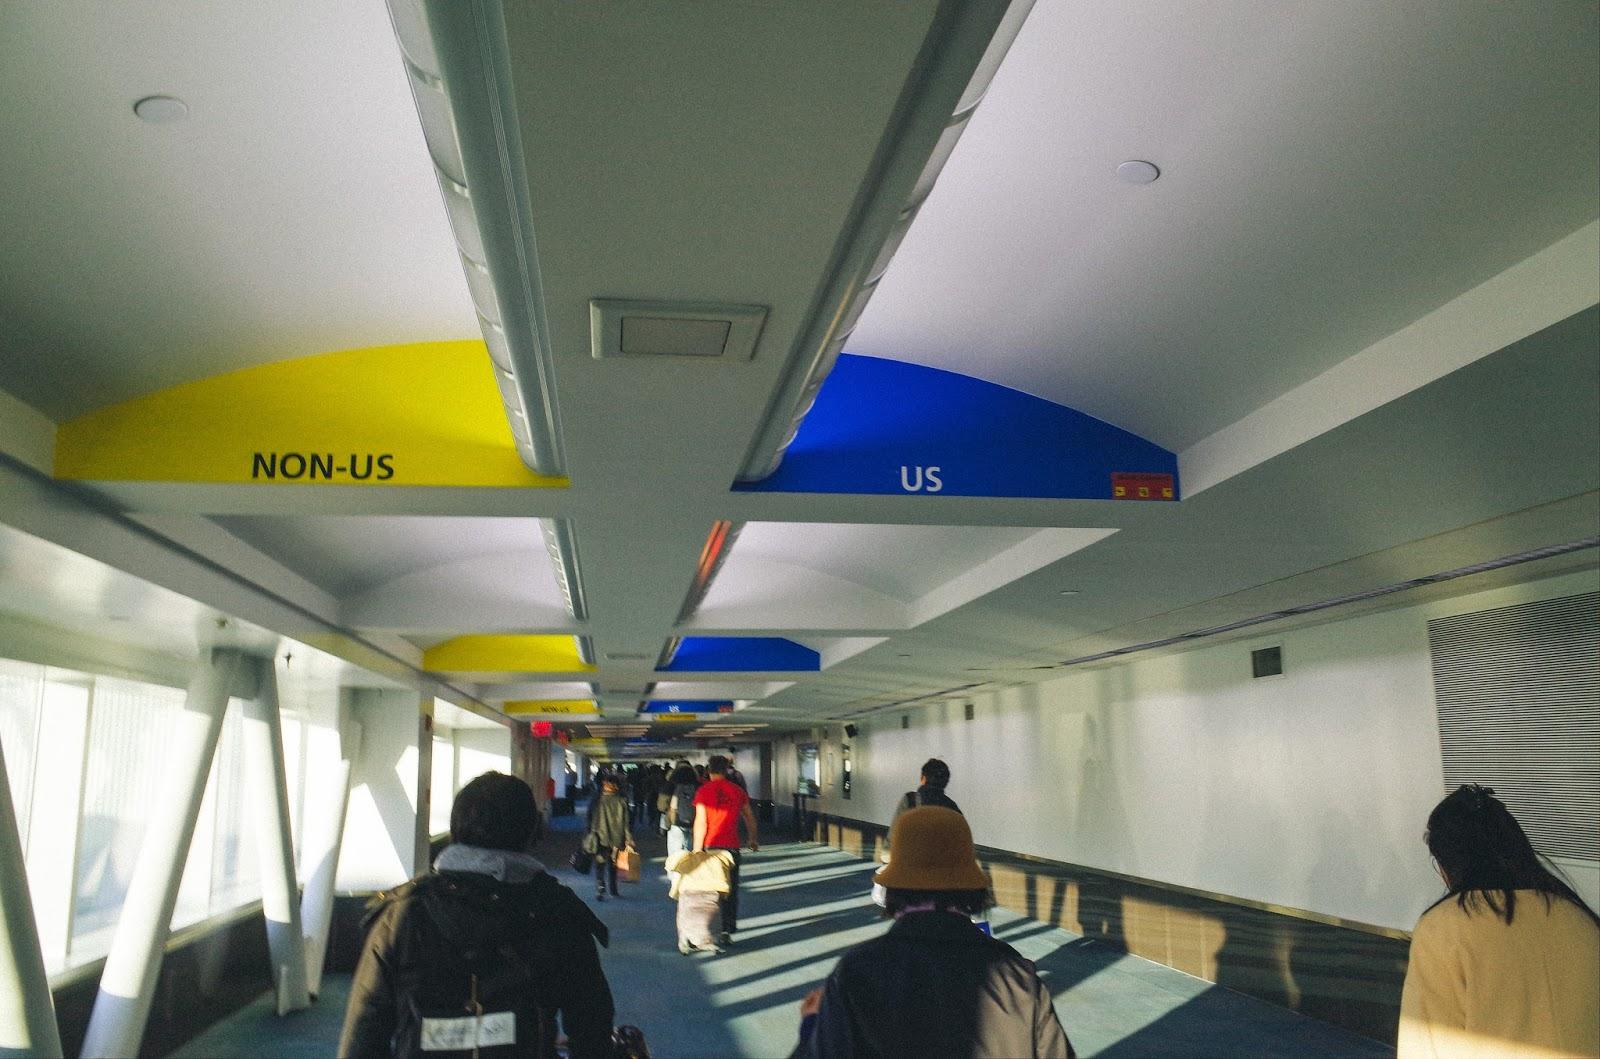 プレミアム・エコノミーで行く、日本航空 JL004(成田国際空港ージョン・F・ケネディ国際空港) − ニューヨーク旅行